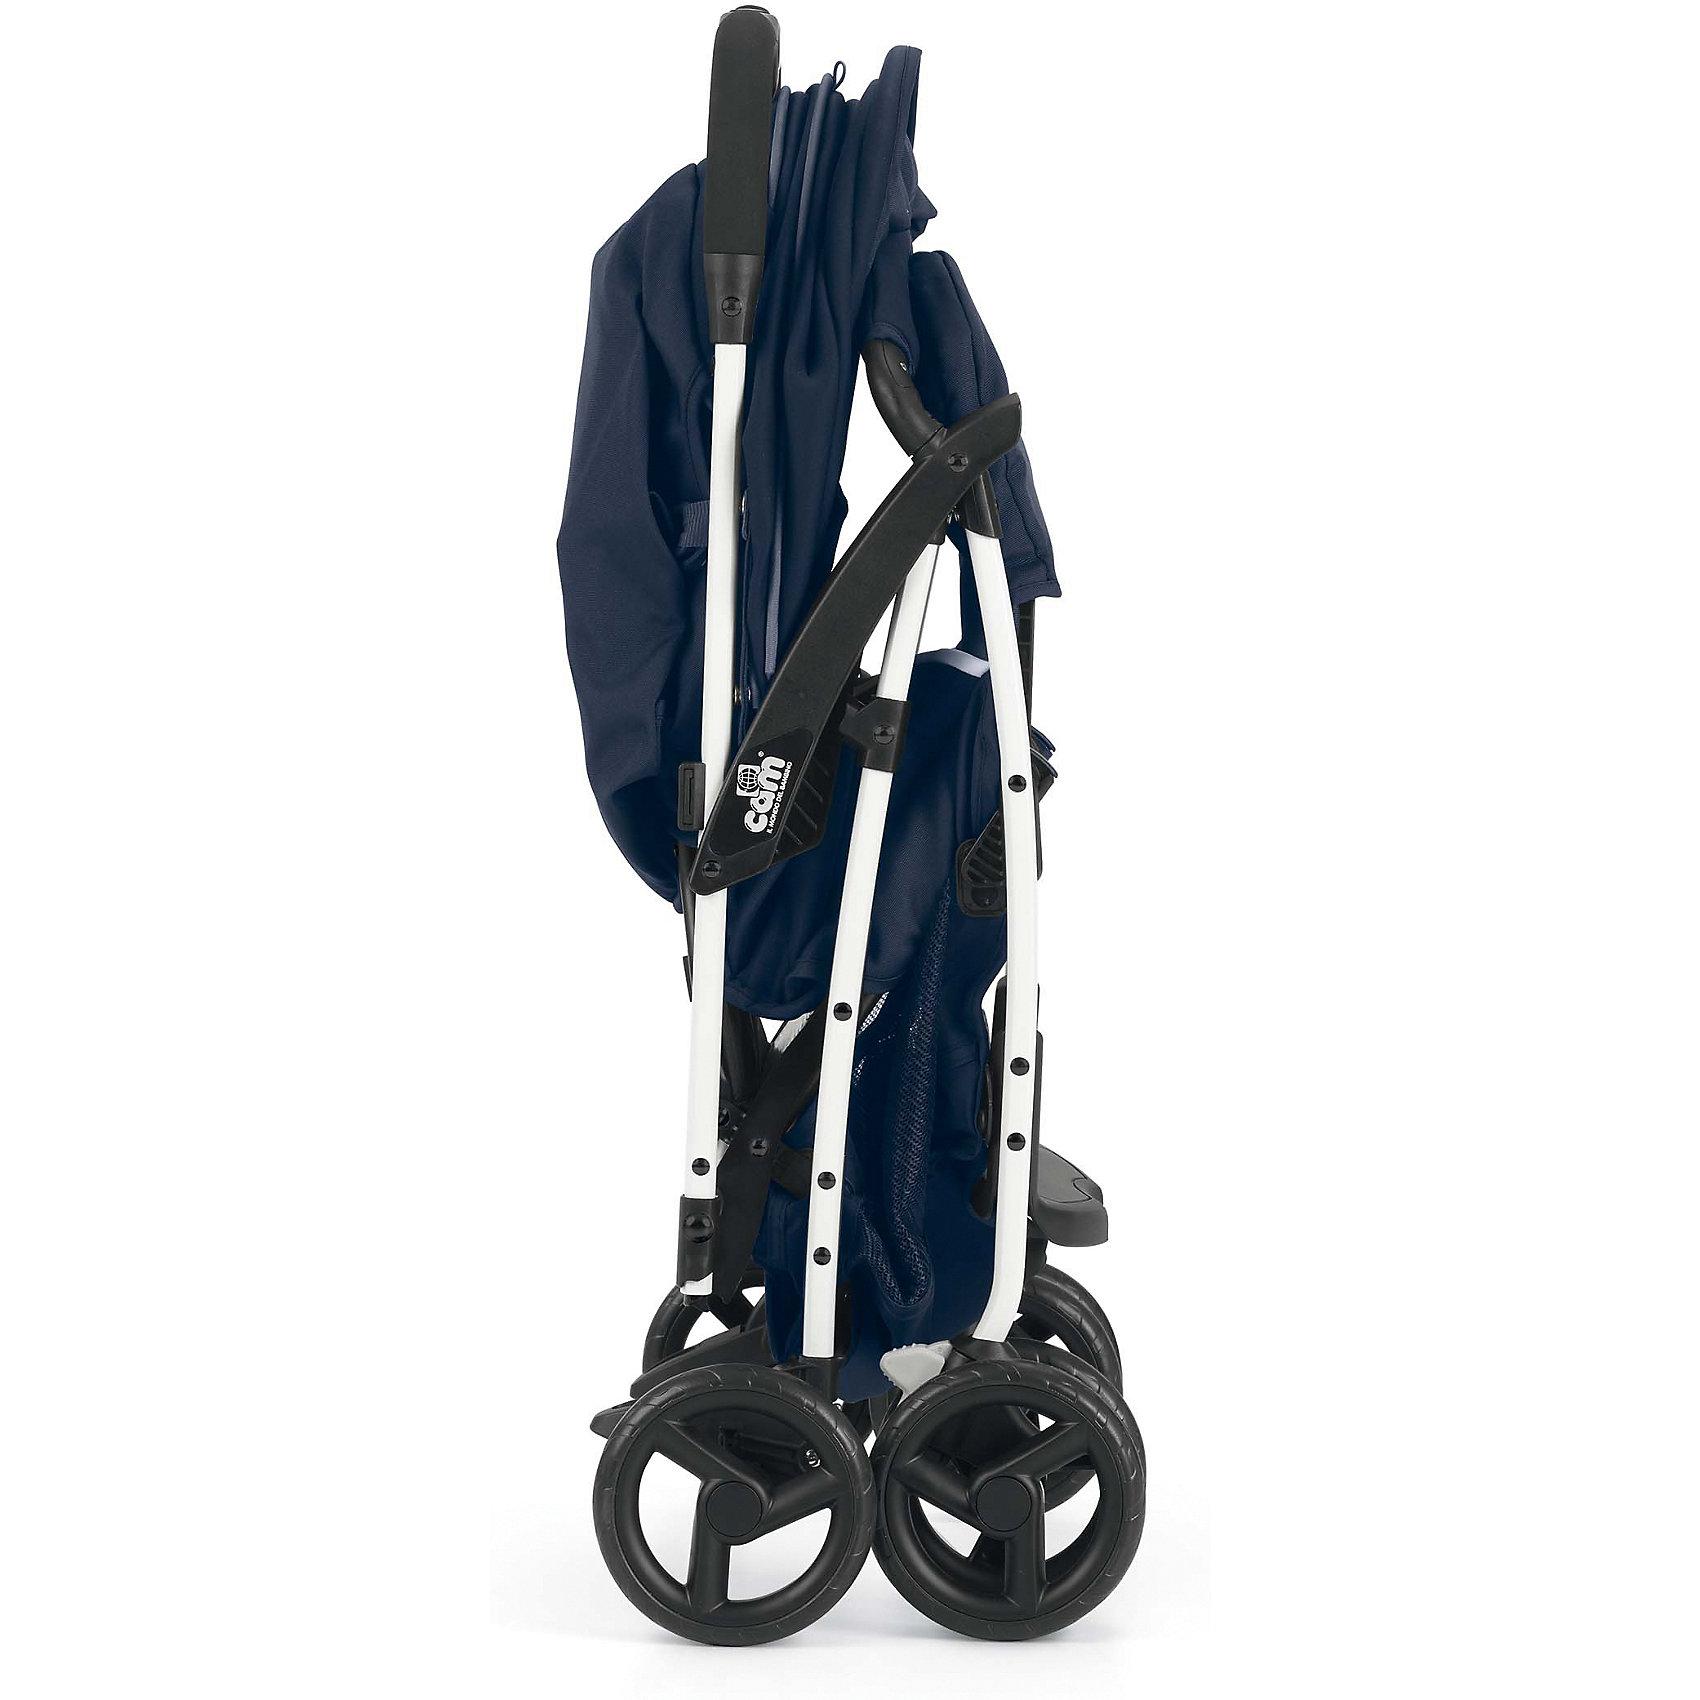 Прогулочная коляска CAM Curvi, серый/синий